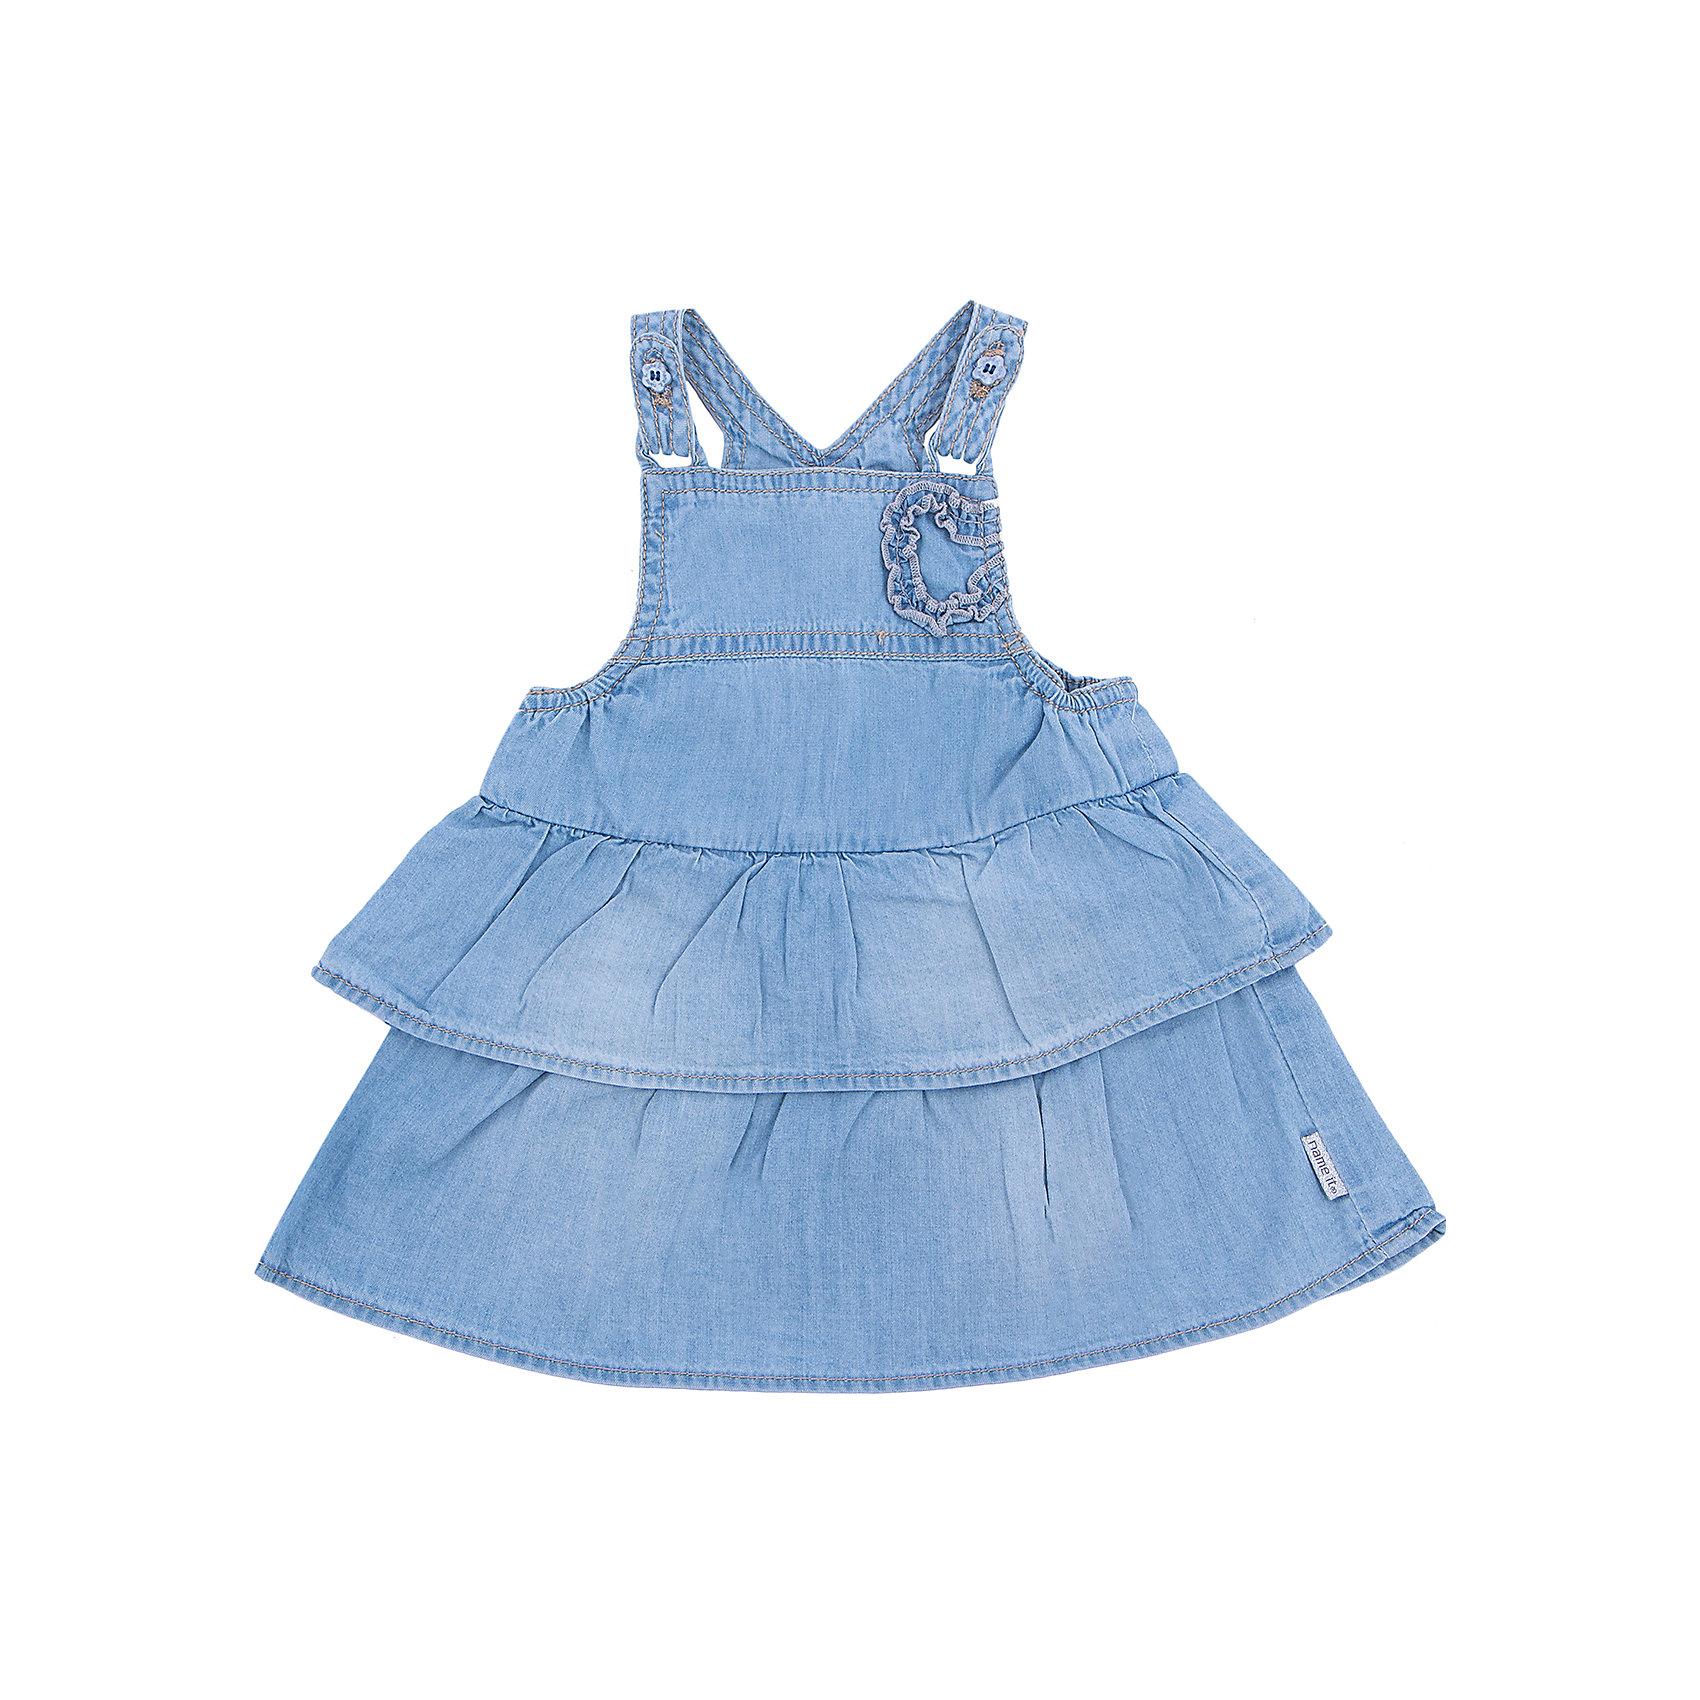 Платье джинсовое для девочки name itПлатья<br>Джинсовое платье  для девочки name it – стильное летнее платье на бретелях, прекрасно сочетается с футболками, рубашками и водолазками. Модель имеет регулируемые бретели и пышную юбку, декорирована кокетливым цветком на груди. Платье выполнено из натурального хлопка, прекрасно сидит на фигуре, приятно к телу. <br><br>Дополнительная информация:<br><br>- Цвет: голубой<br>- Без рукава, на бретелях.<br>- регулируемые бретели.<br>- Пышная юбка.<br>- Декоративные элементы: цветок.<br><br>Состав: <br>100% хлопок.<br><br>Платье name it (нейм ит) можно купить в нашем магазине.<br><br>Ширина мм: 236<br>Глубина мм: 16<br>Высота мм: 184<br>Вес г: 177<br>Цвет: синий<br>Возраст от месяцев: 0<br>Возраст до месяцев: 3<br>Пол: Женский<br>Возраст: Детский<br>Размер: 56,68,74,62<br>SKU: 4103996